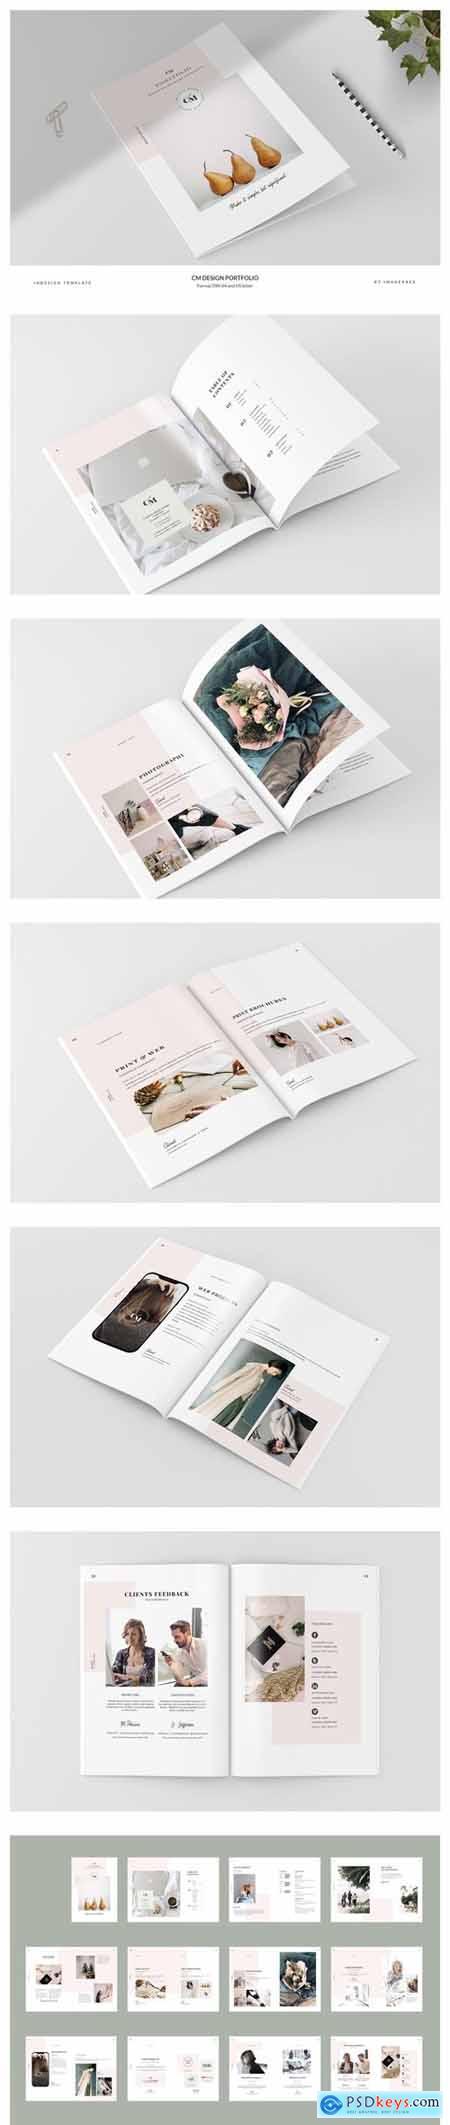 CM Design Portfolio 3154013